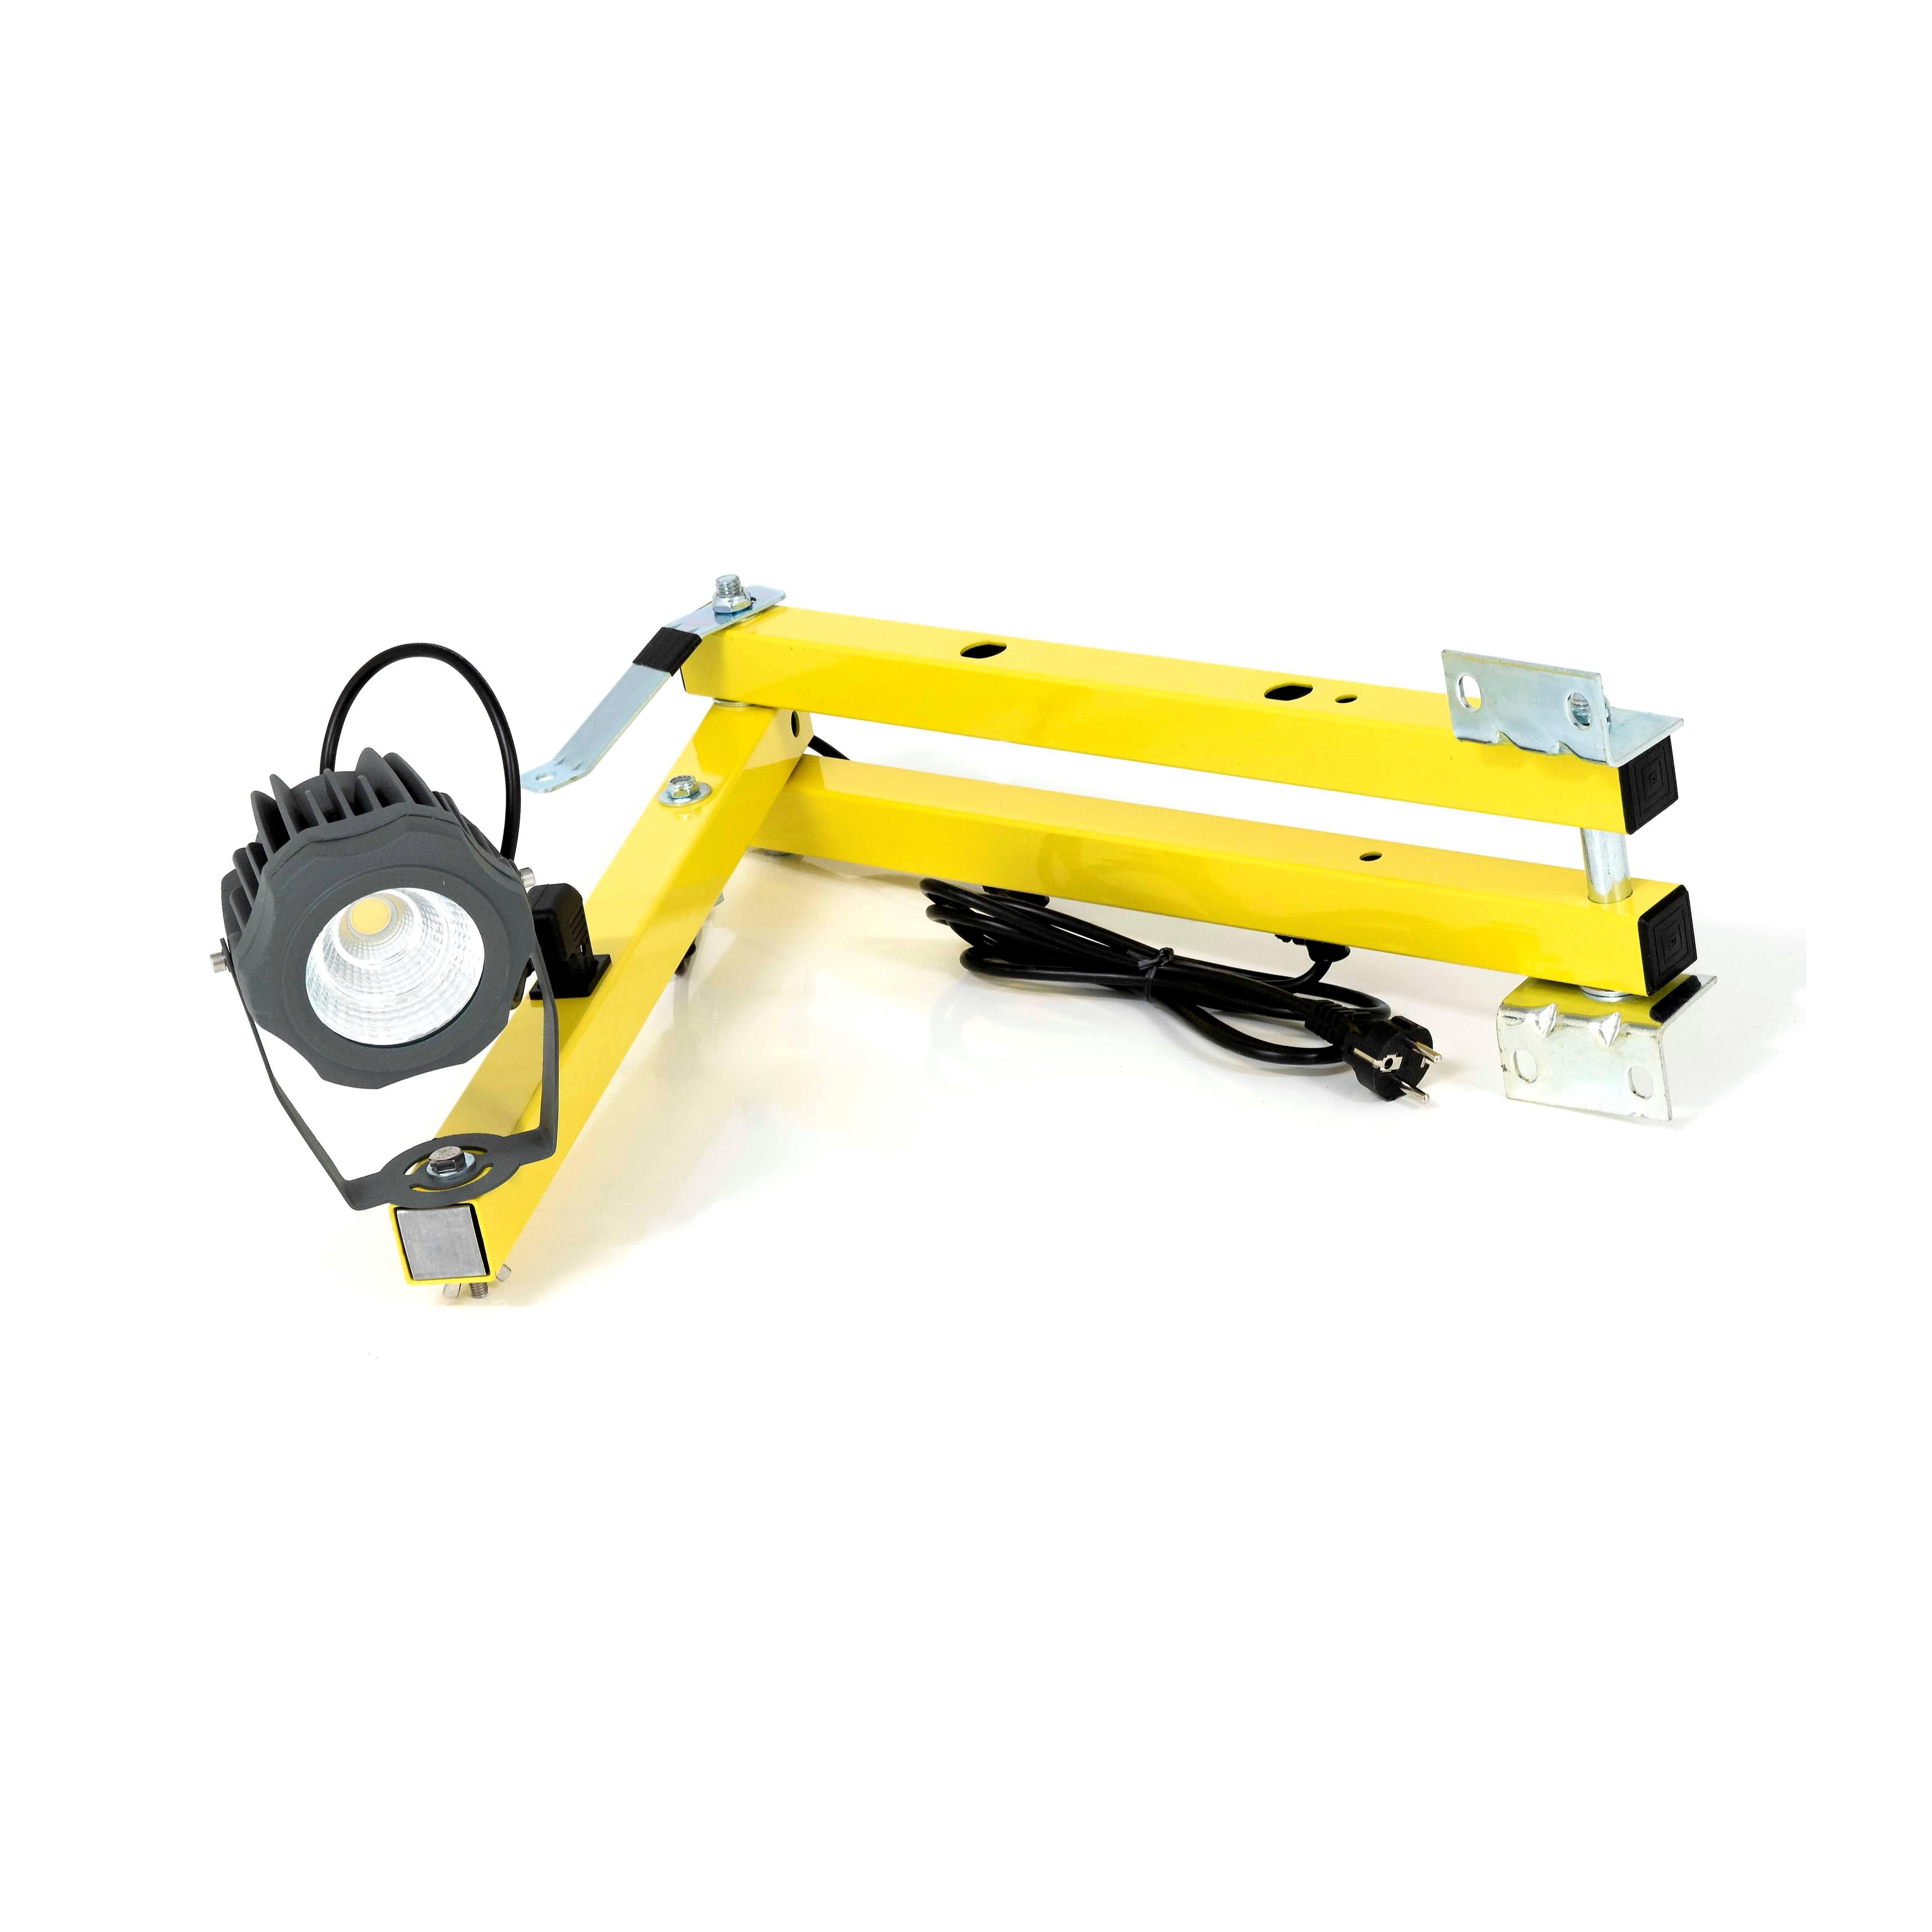 IDD Verladeleuchte/ Docklight LED